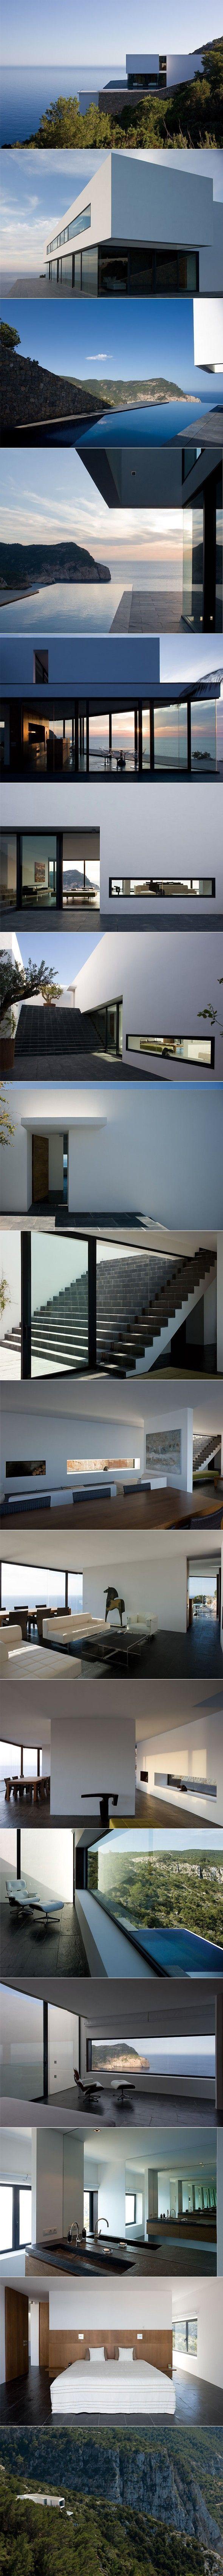 Architecture maison aibs par bruno erpicum and partners